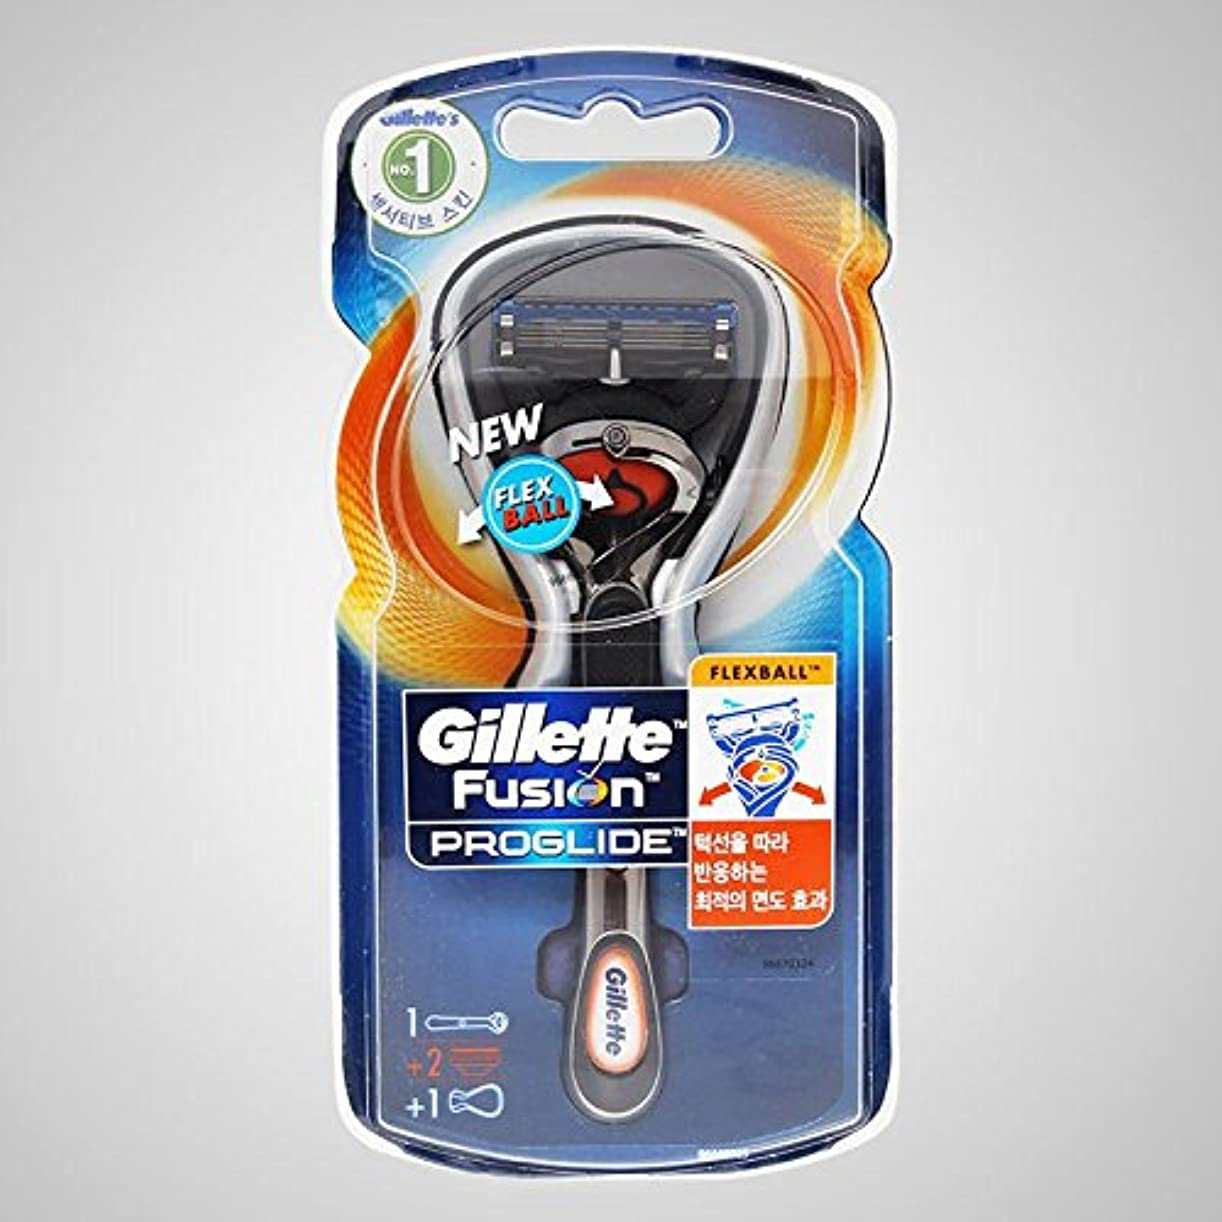 保全寛大な見るGillette Fusion Proglide Flexball Manual 2かみそりの刃で男子1カミソリ [並行輸入品]